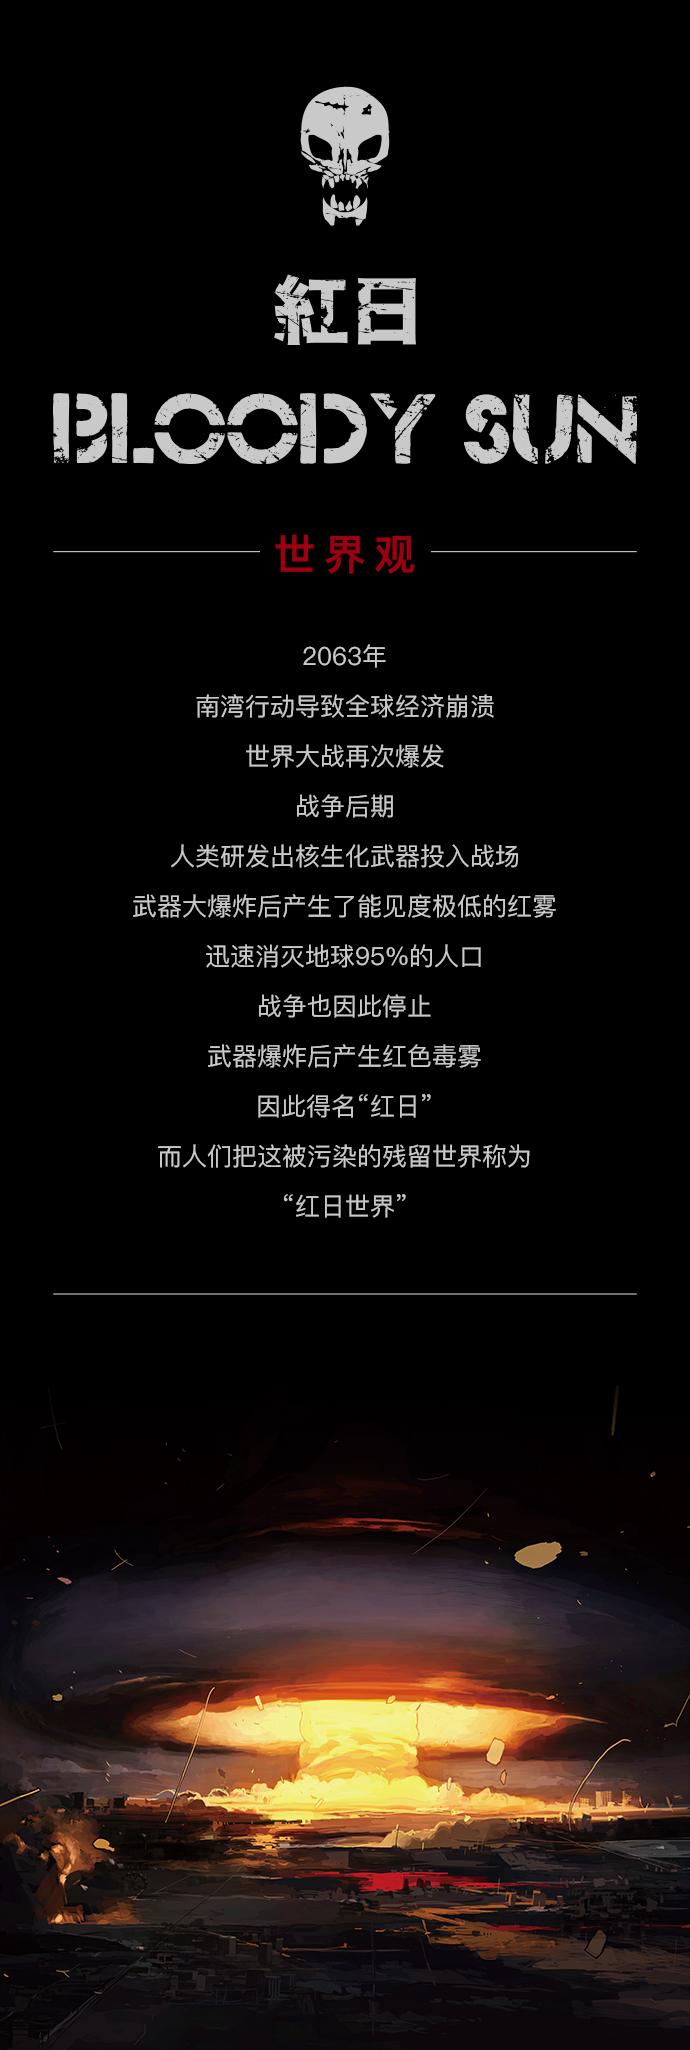 红日众筹-世界观展示.jpg